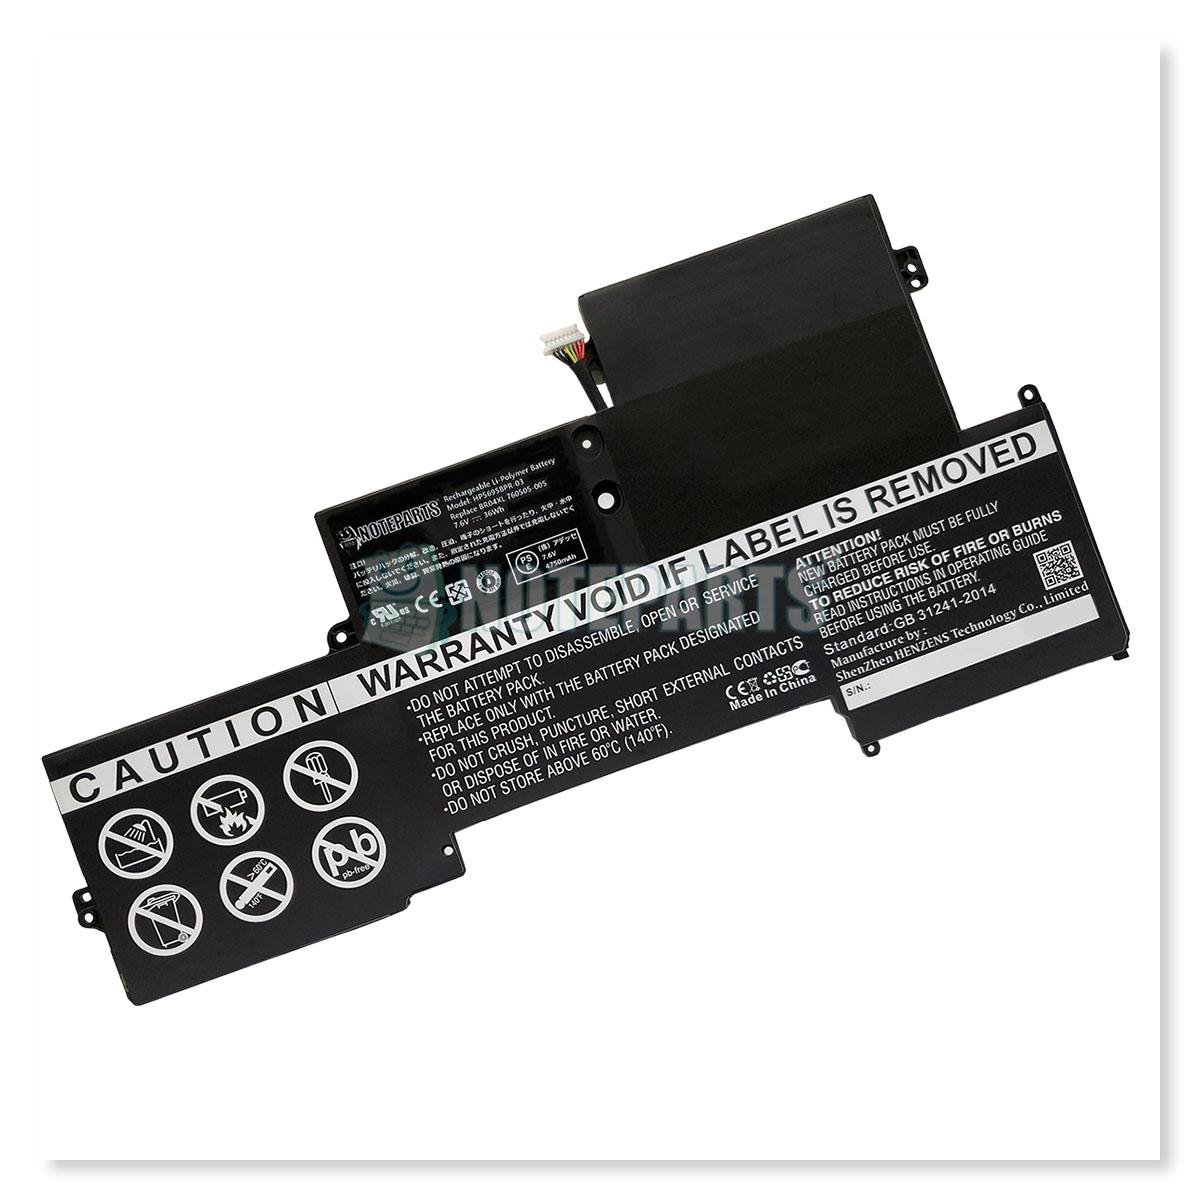 HP EliteBook Folio 1020 G1 EliteBook 1030 G1 バッテリー 760505-005 765605-005 BR04XL BO04XL対応